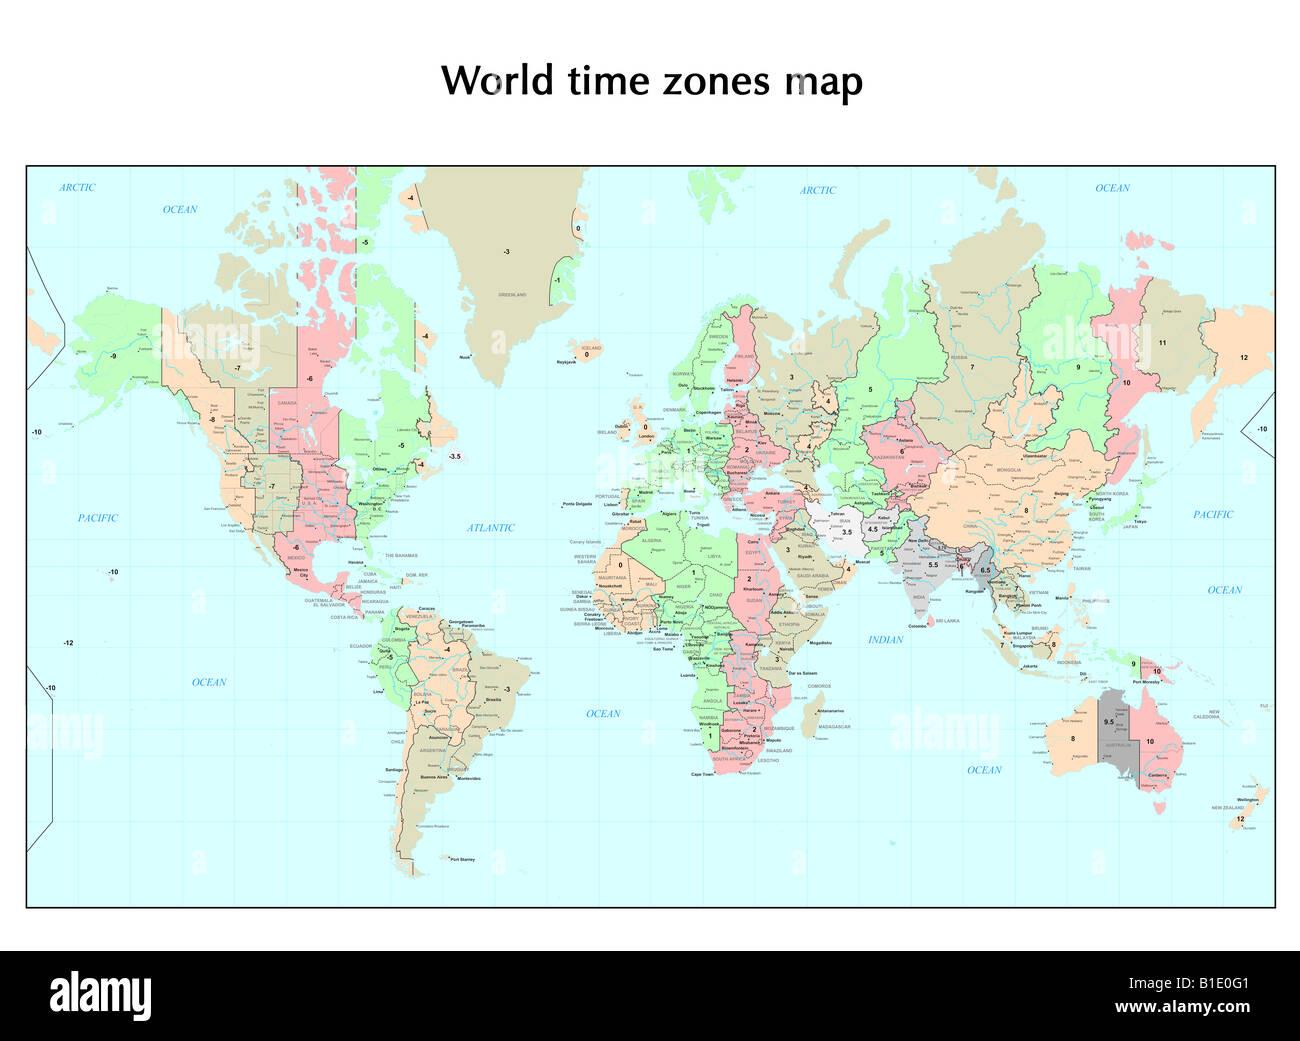 Welt Zeitzonen Karte Stockfoto Bild 18132801 Alamy